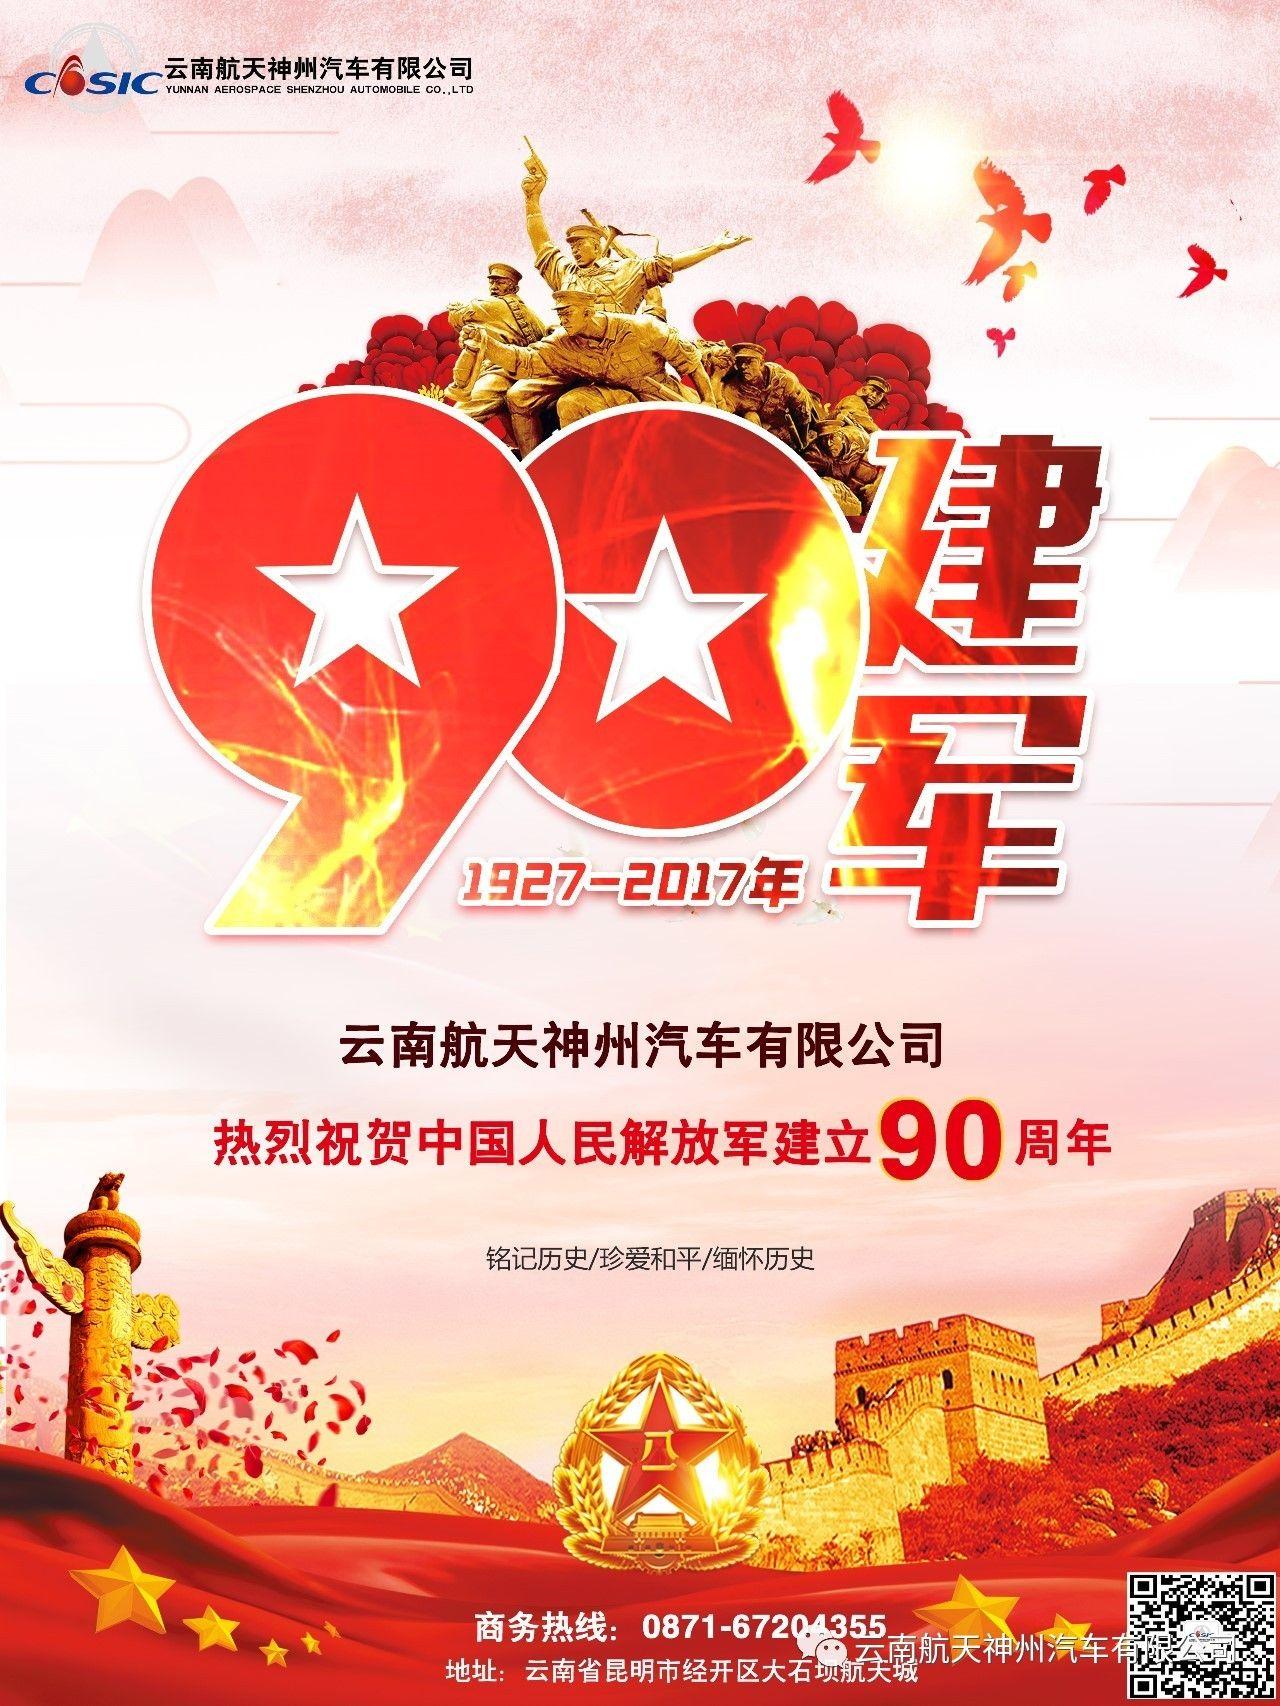 云南航天manbetx万博app汽车有限公司热烈祝贺中国人名解放军建立90周年